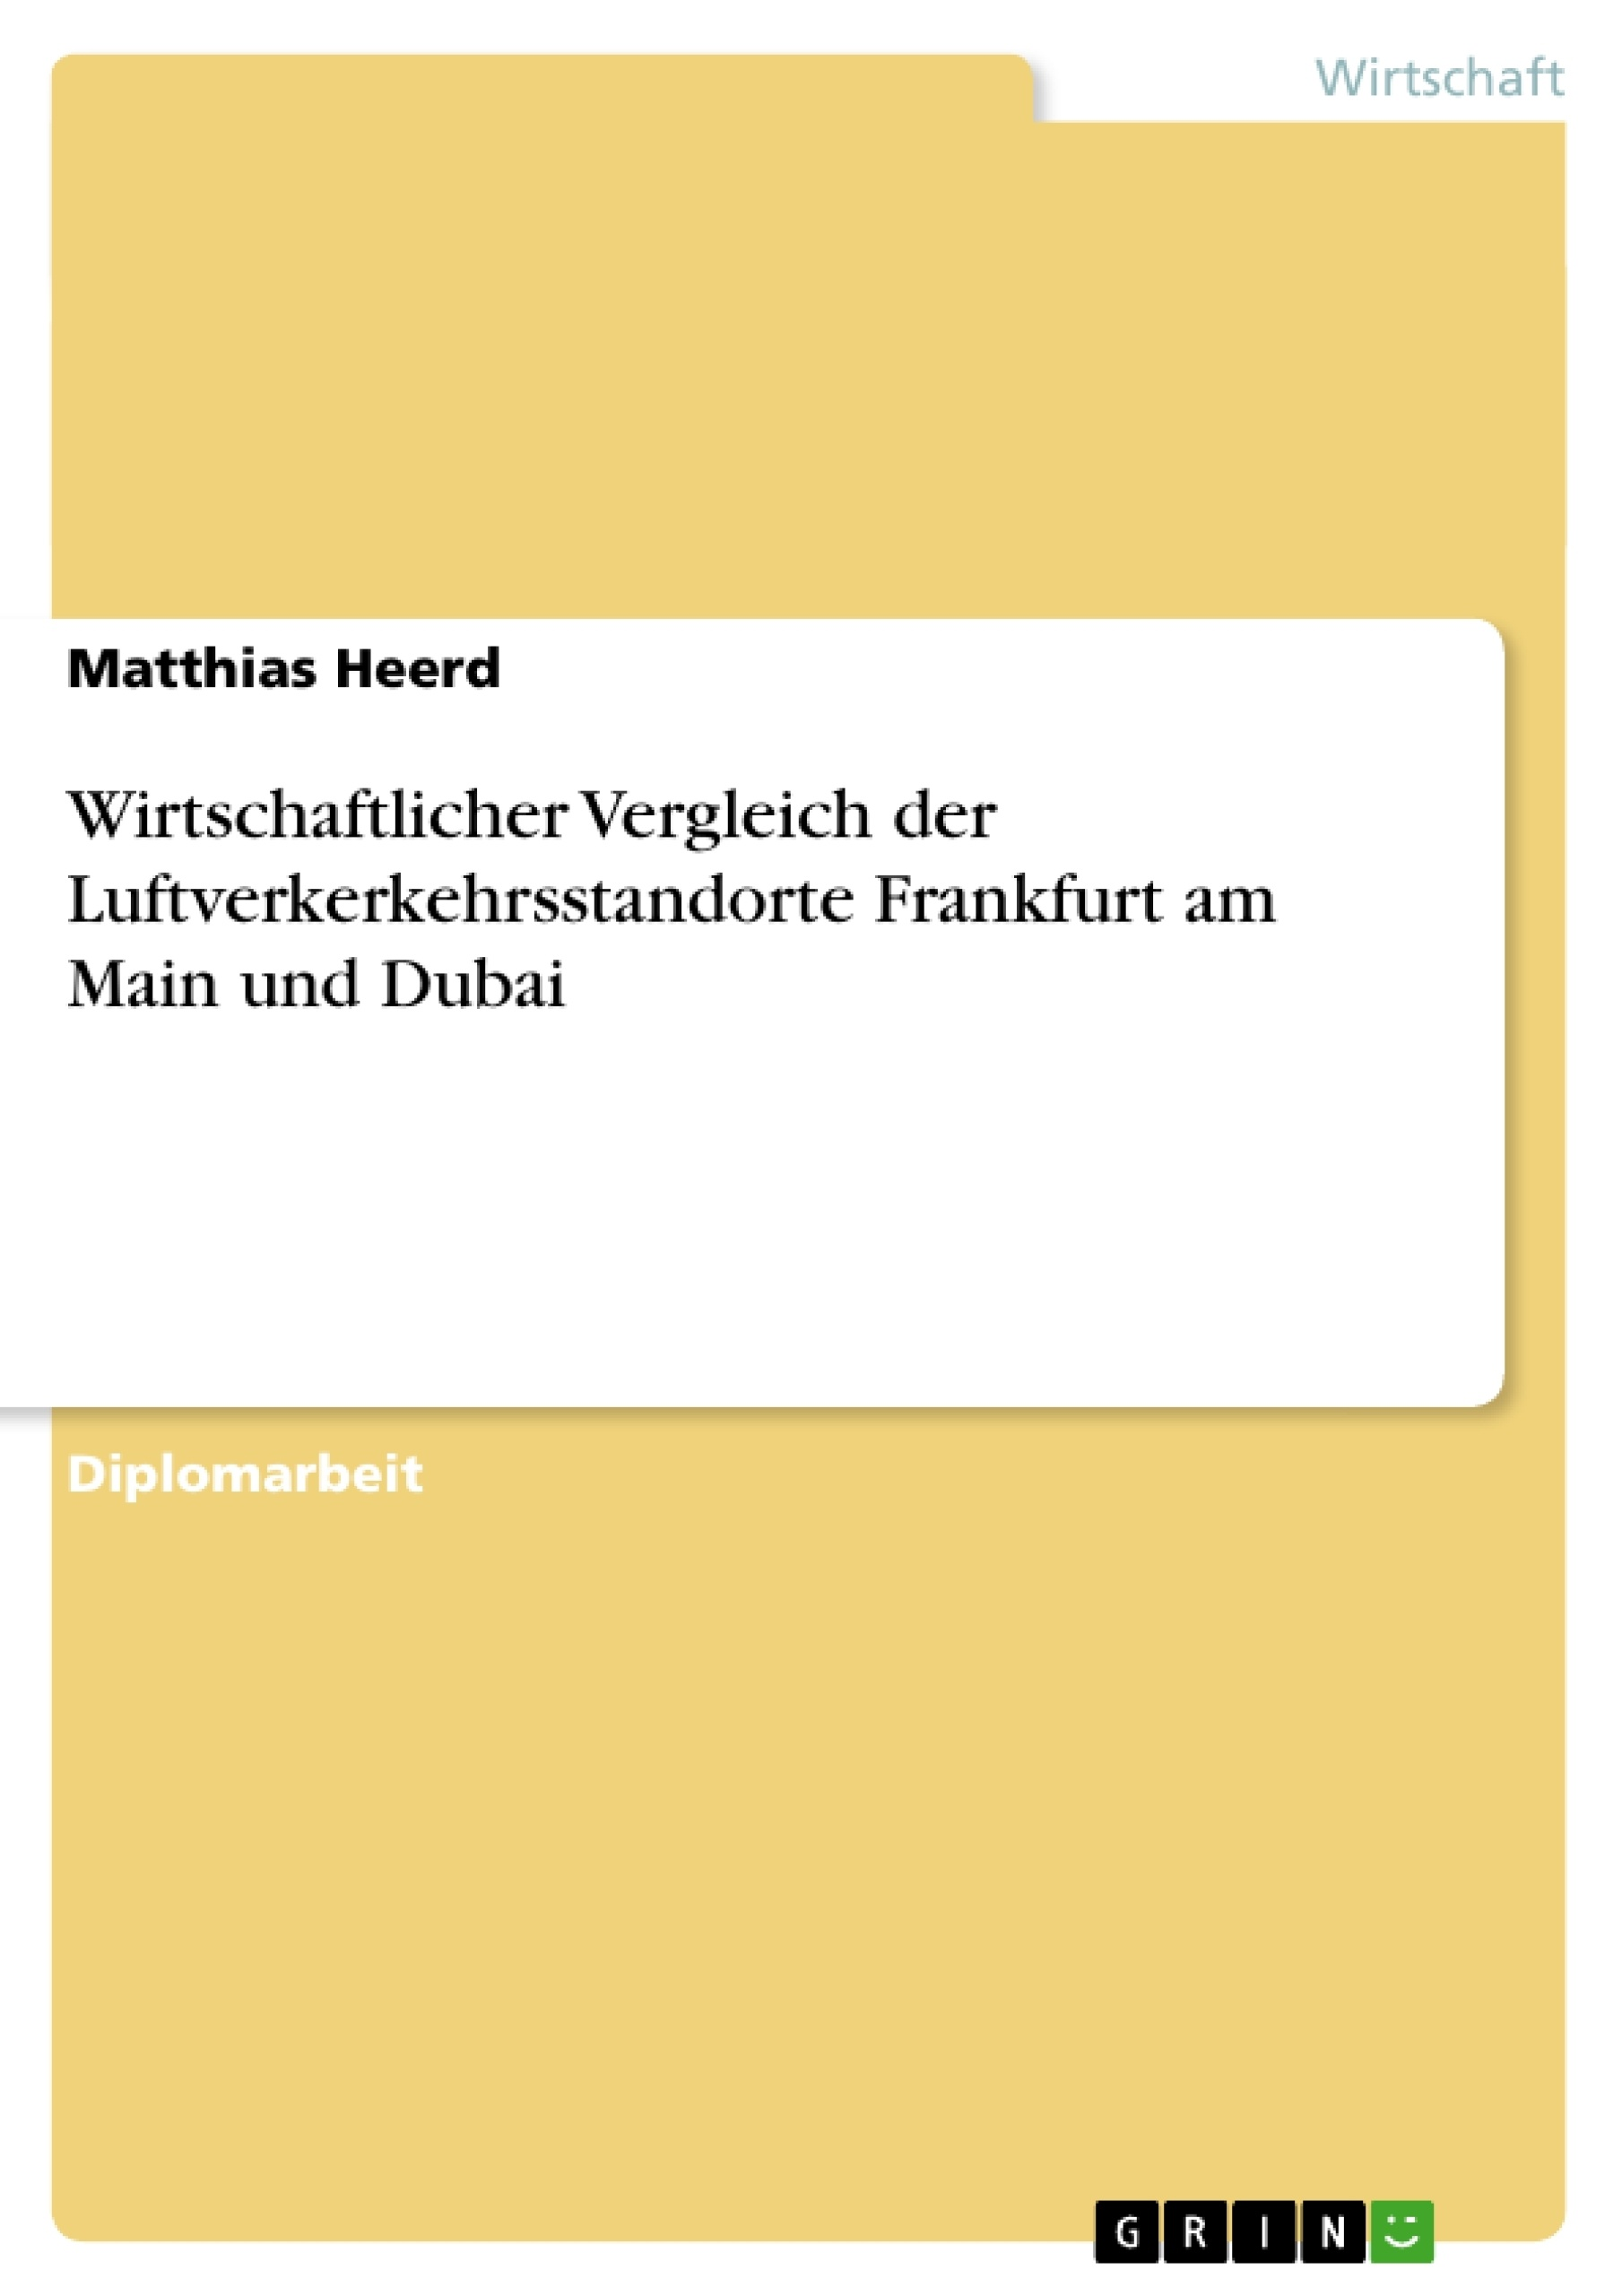 Titel: Wirtschaftlicher Vergleich der Luftverkerkehrsstandorte Frankfurt am Main und Dubai